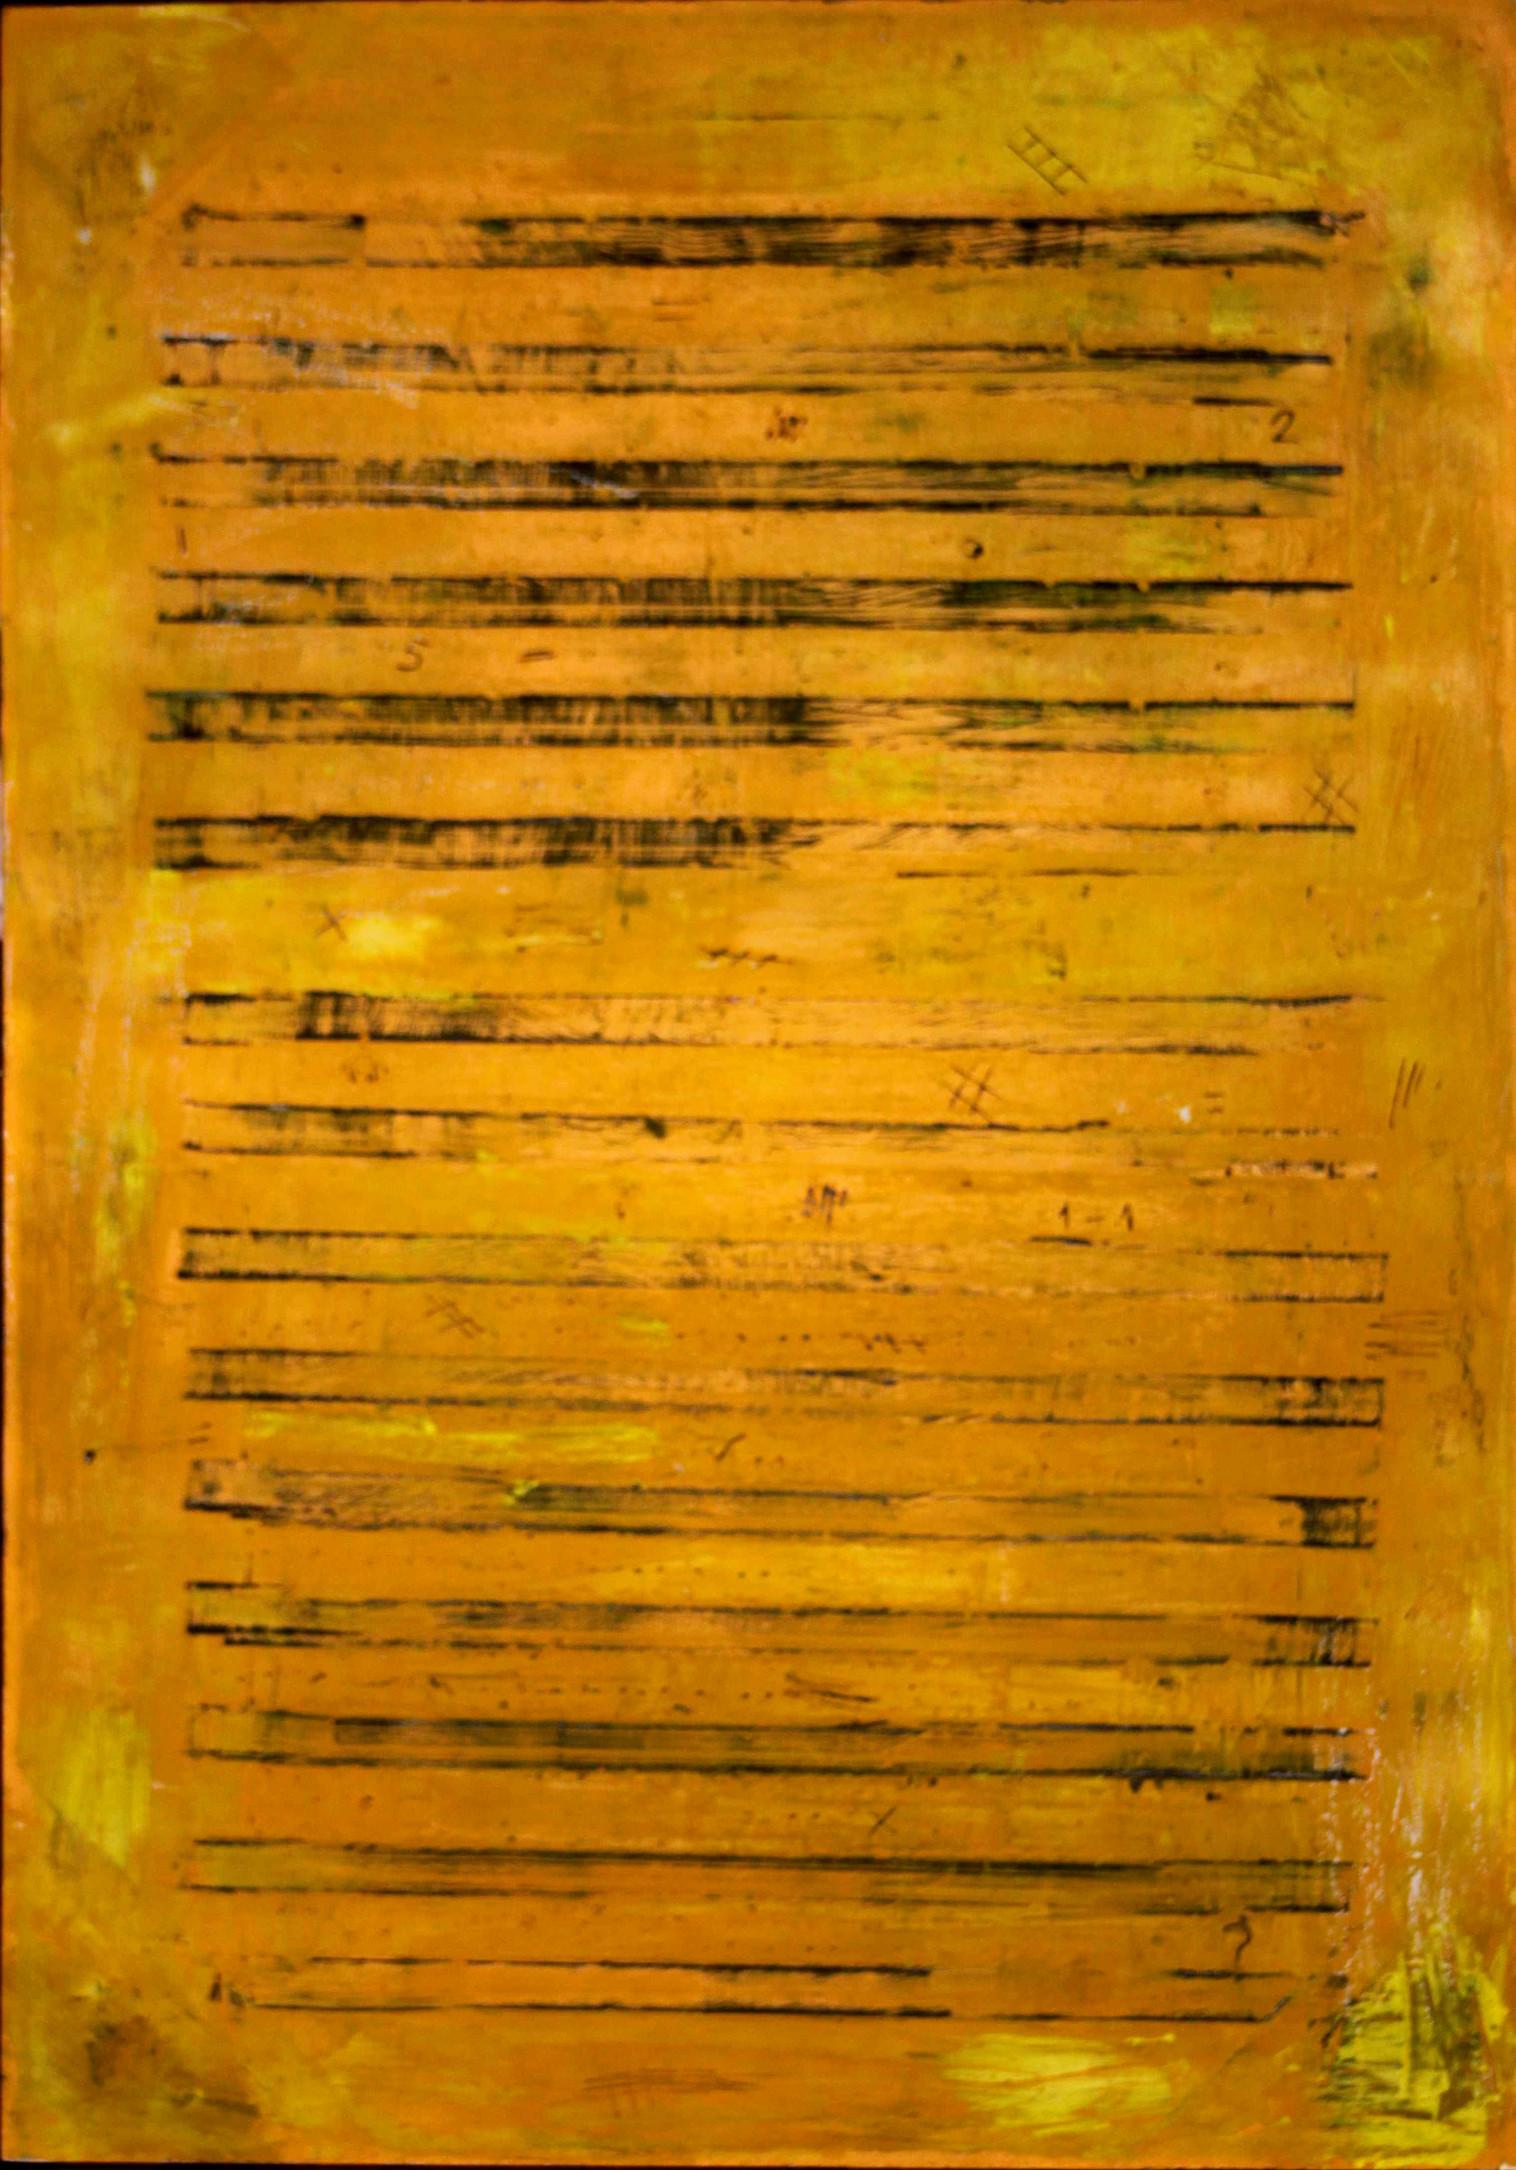 Partitura amarilla